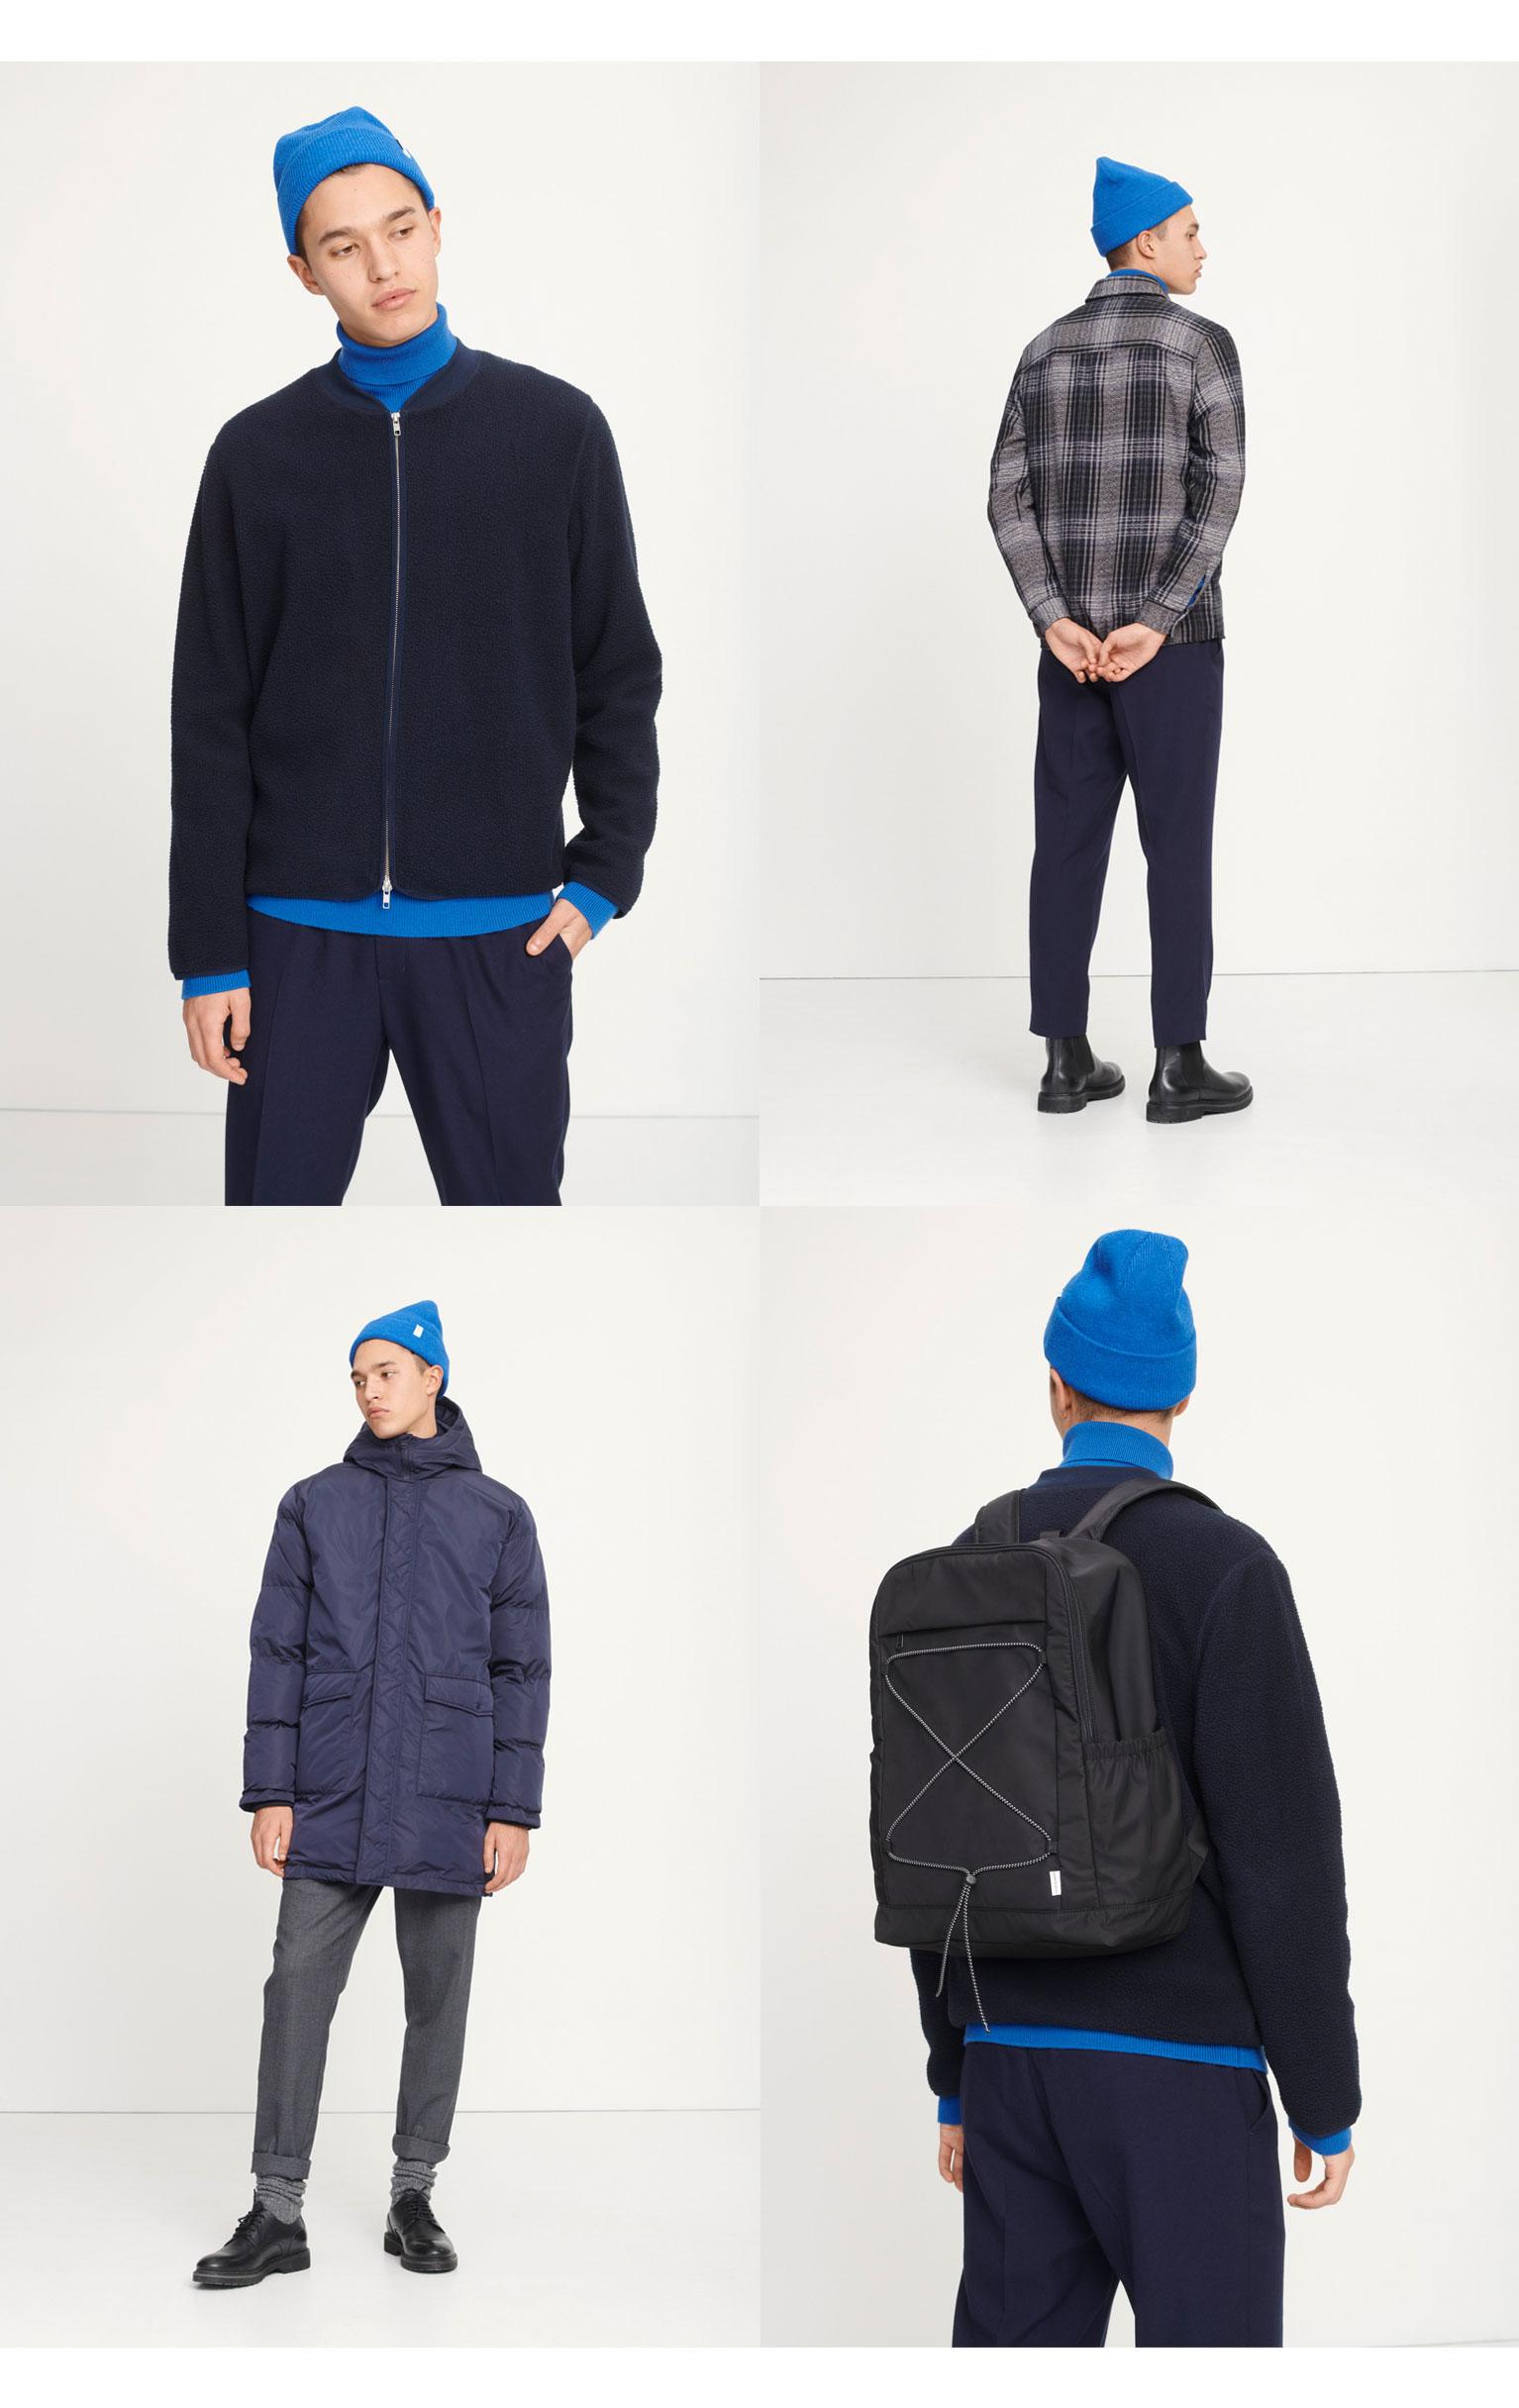 M Men's Fashion